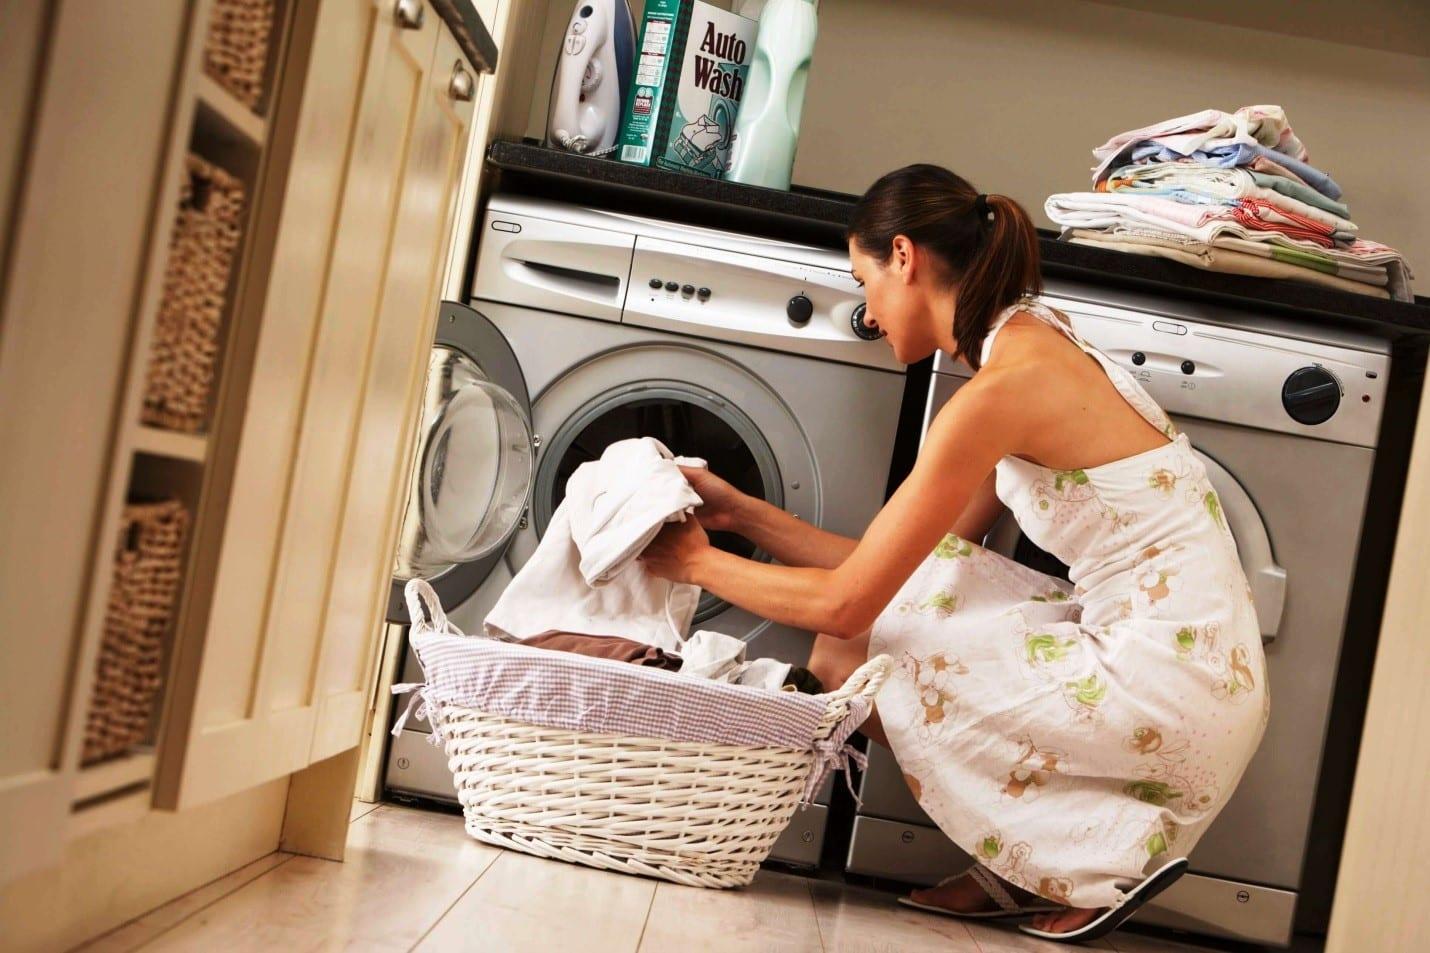 Бытовые средства для удаления ржавчины | Как убрать ржавчину с одежды в домашних условиях